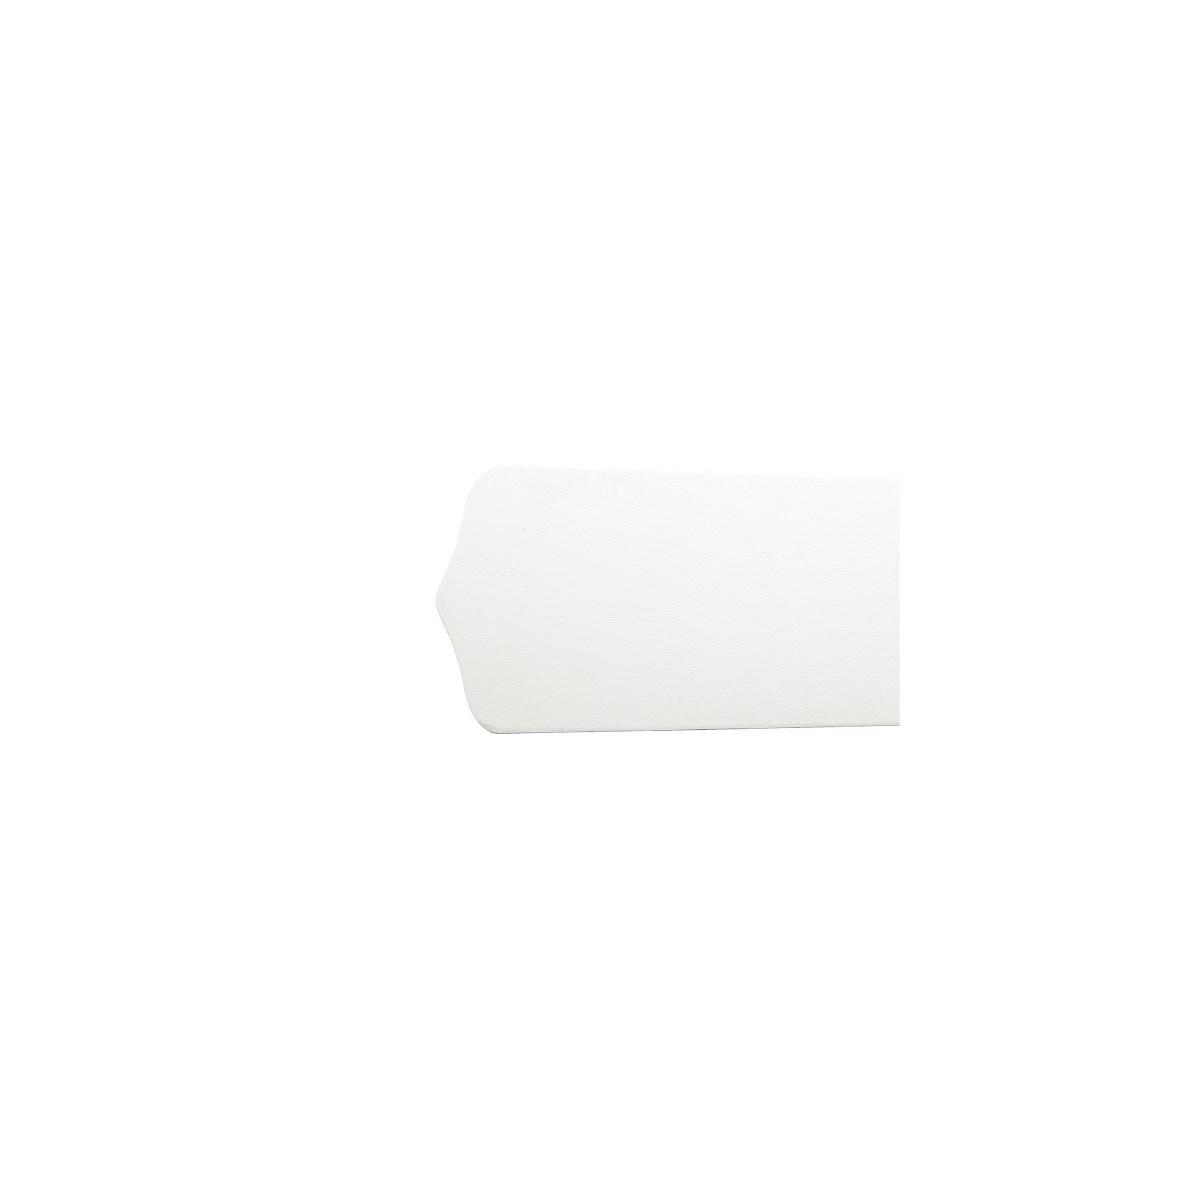 WHITE TYPE 1-52 POINT